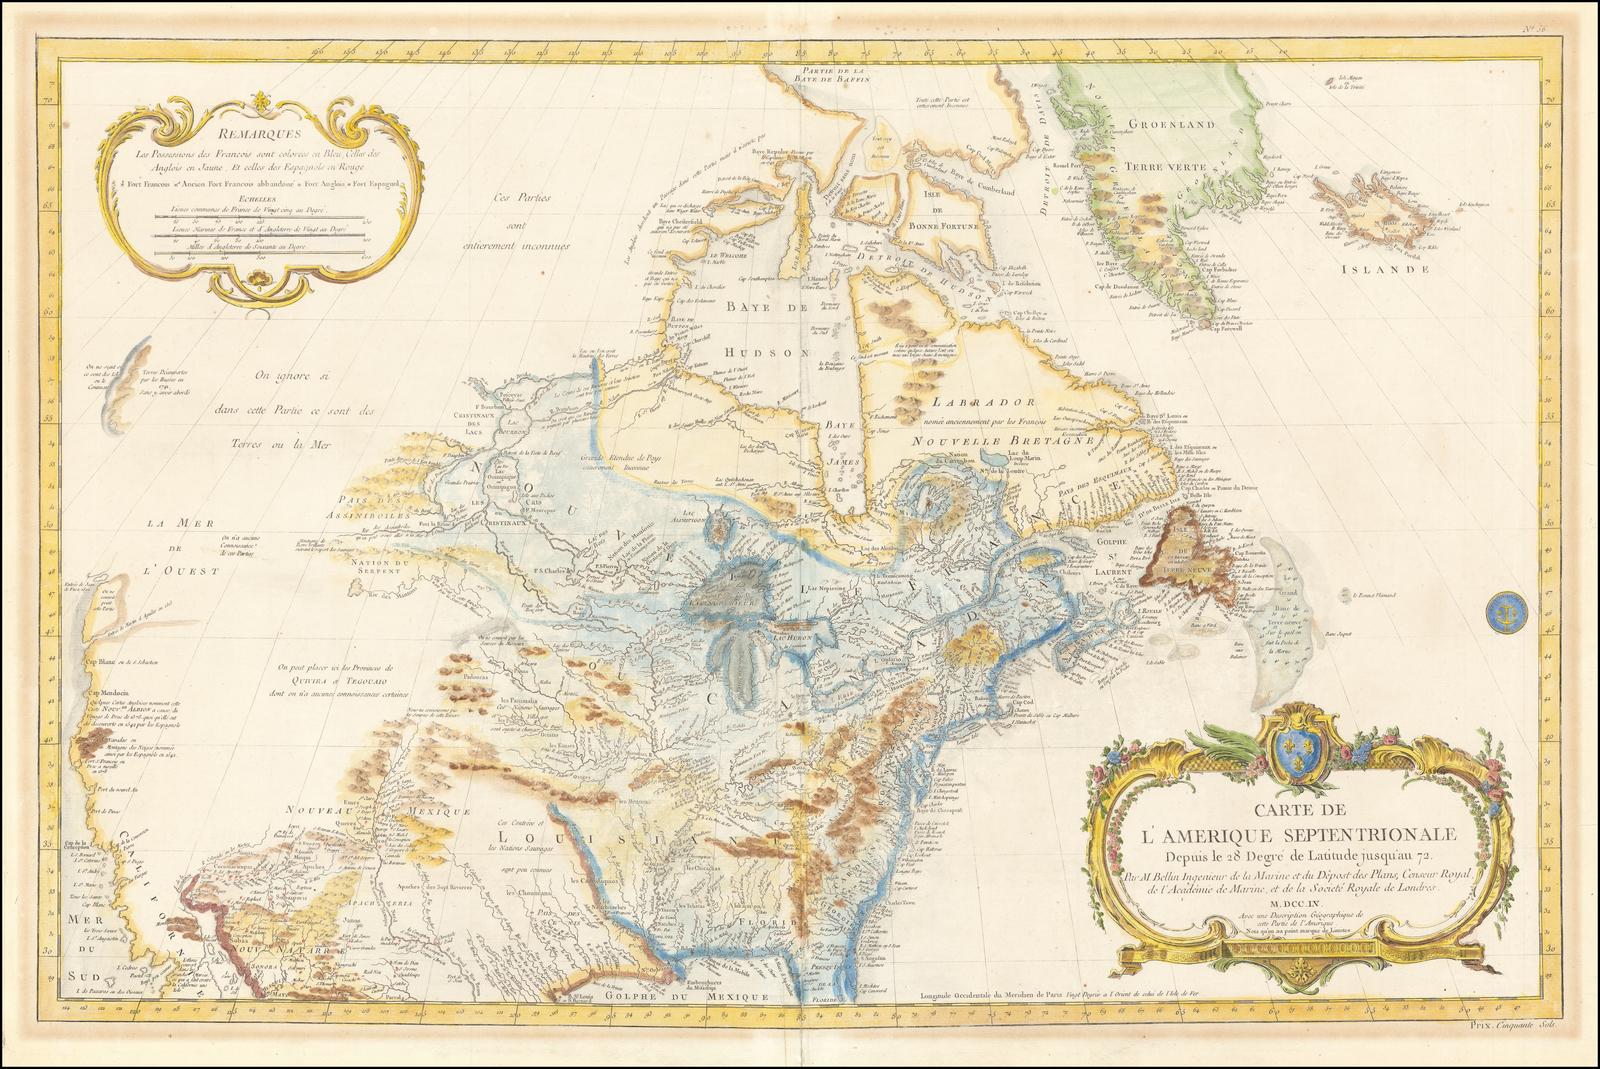 Carte De Lamerique.Carte De L Amerique Septentrionale Depuis To 28 Degre De